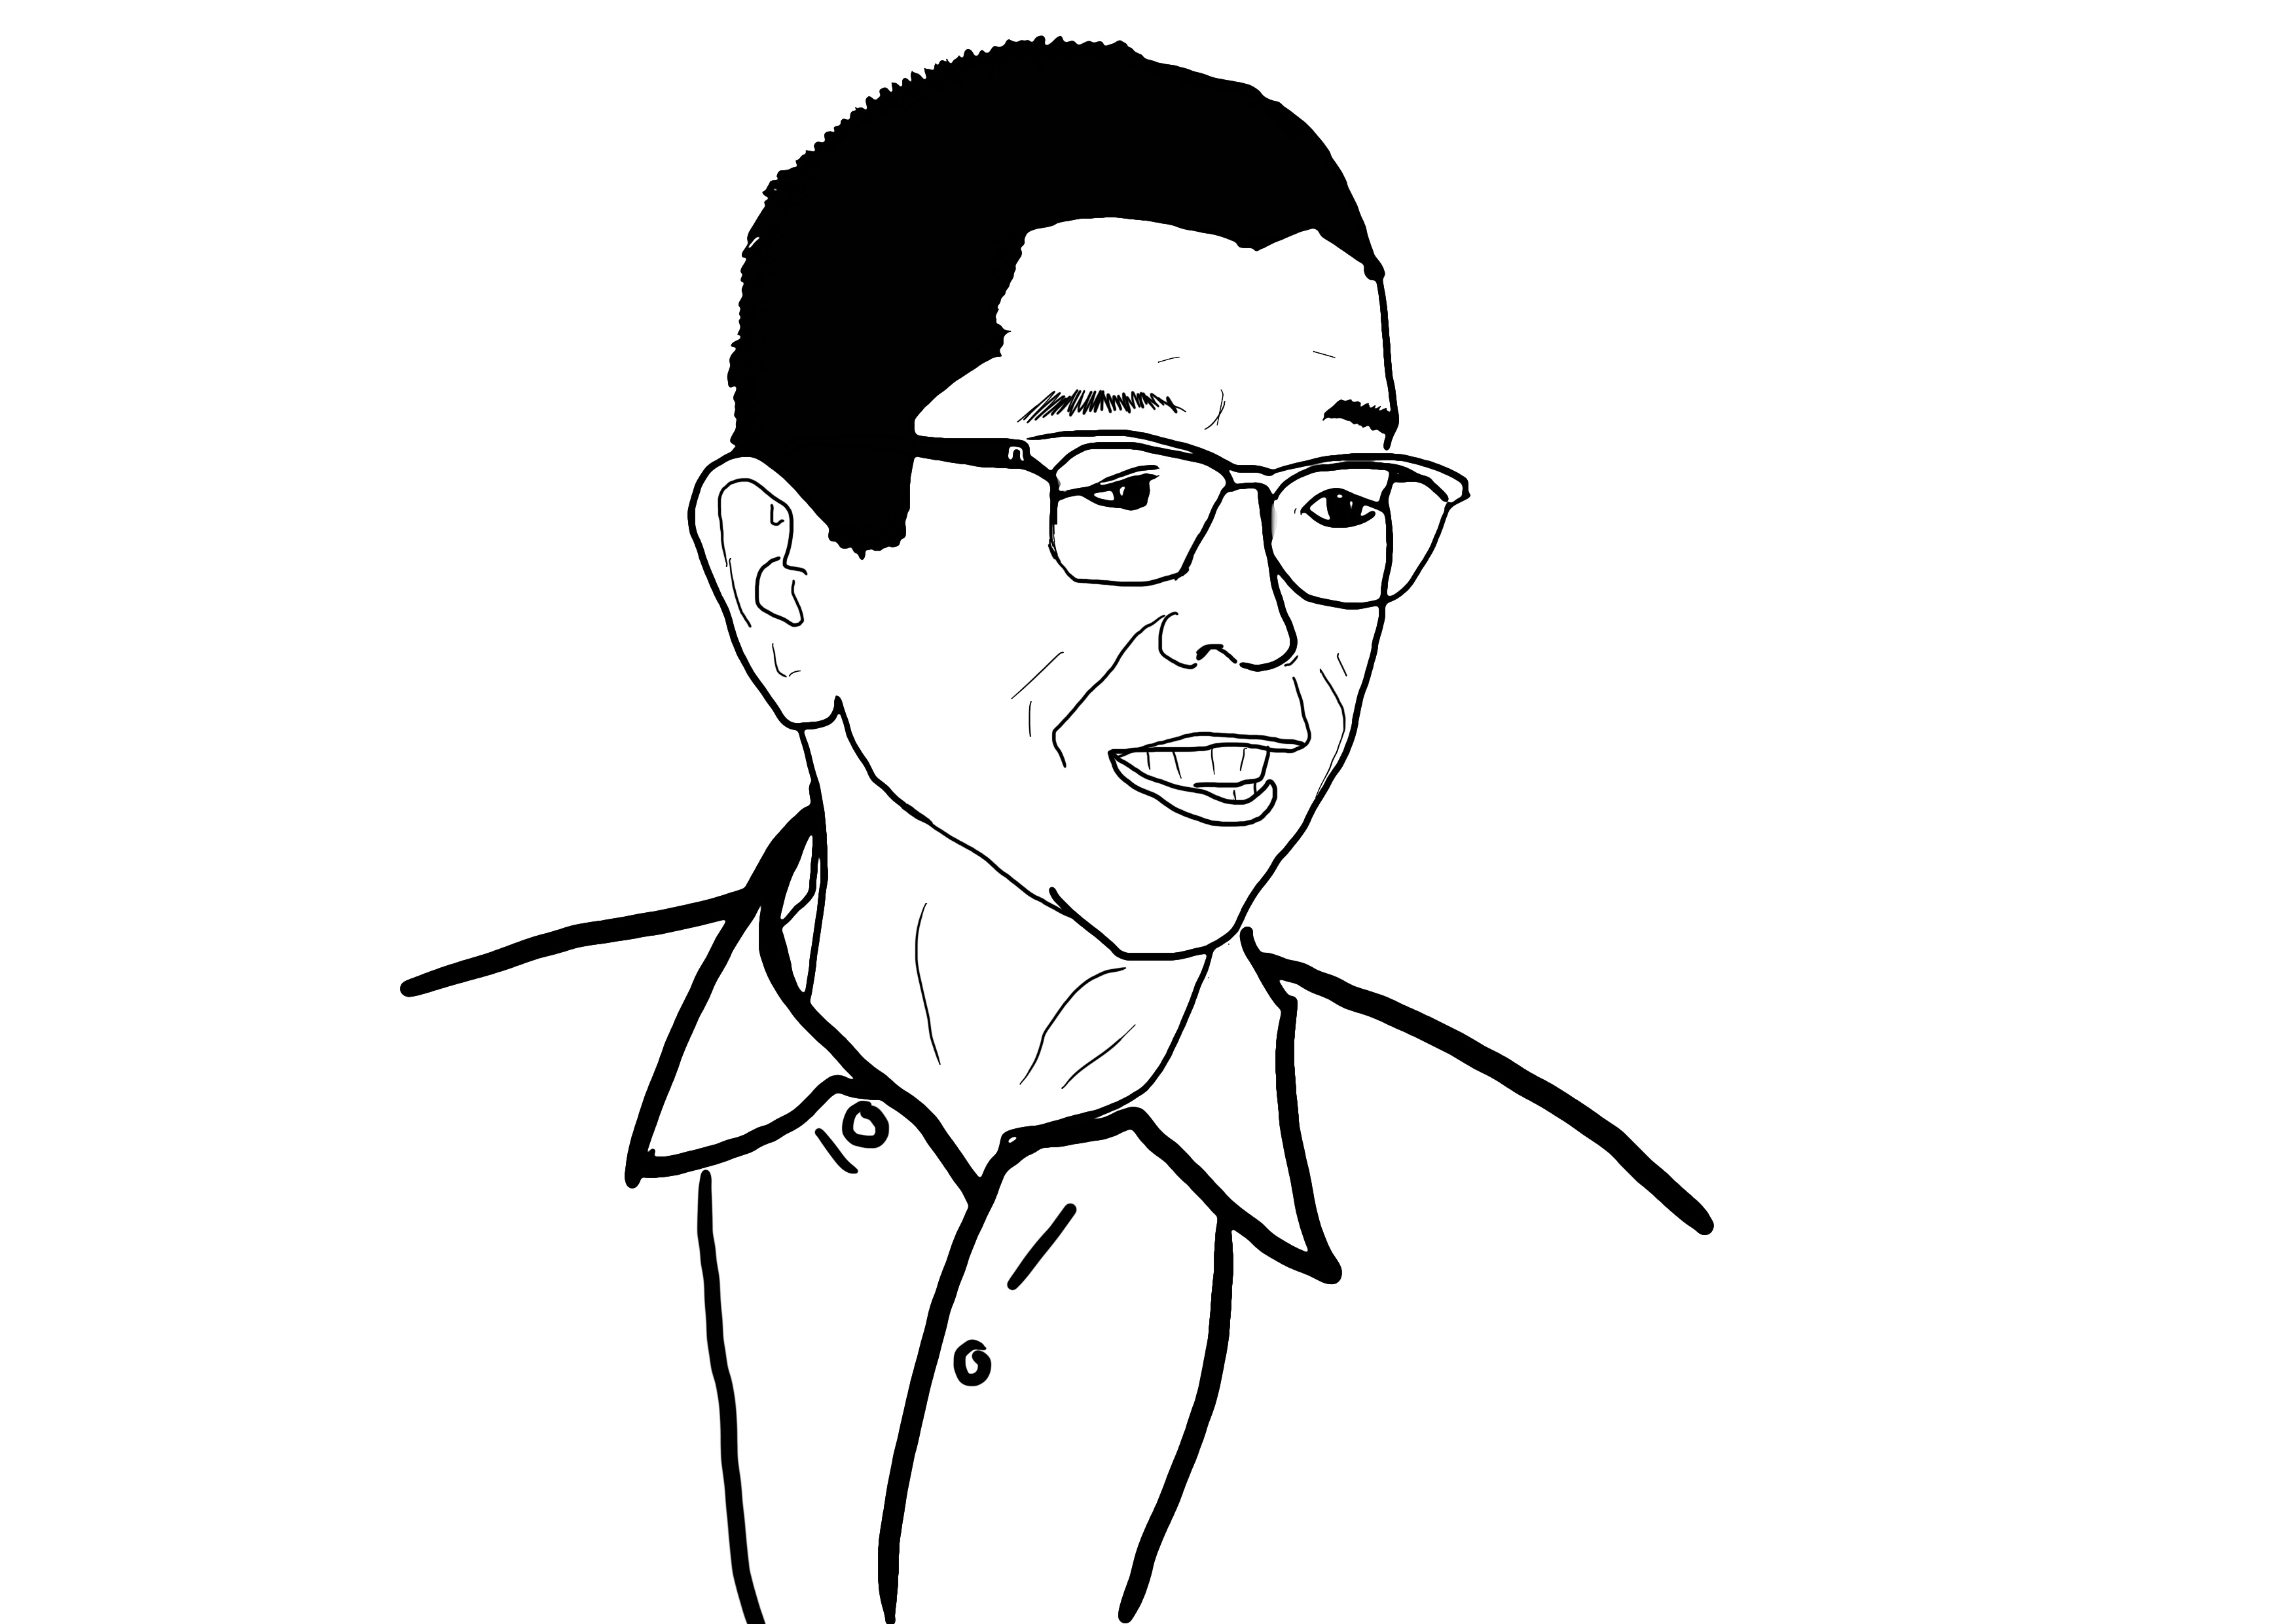 Tadashi Shoji's quote #7